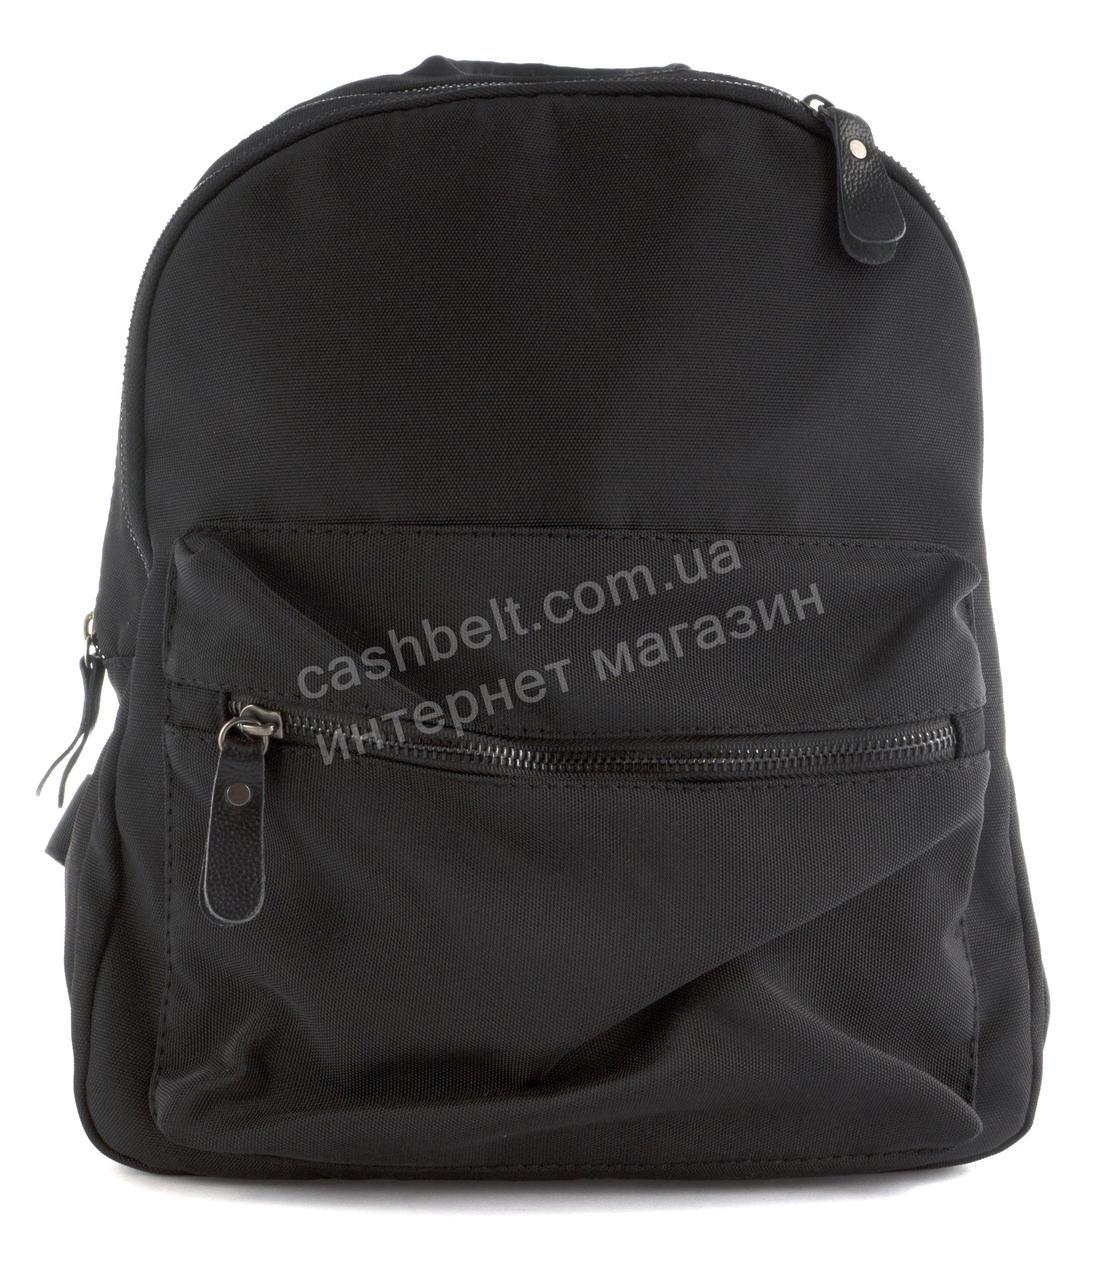 420496e9 Стильный женский качественный городской рюкзак среднего размера art. 91-3  черный